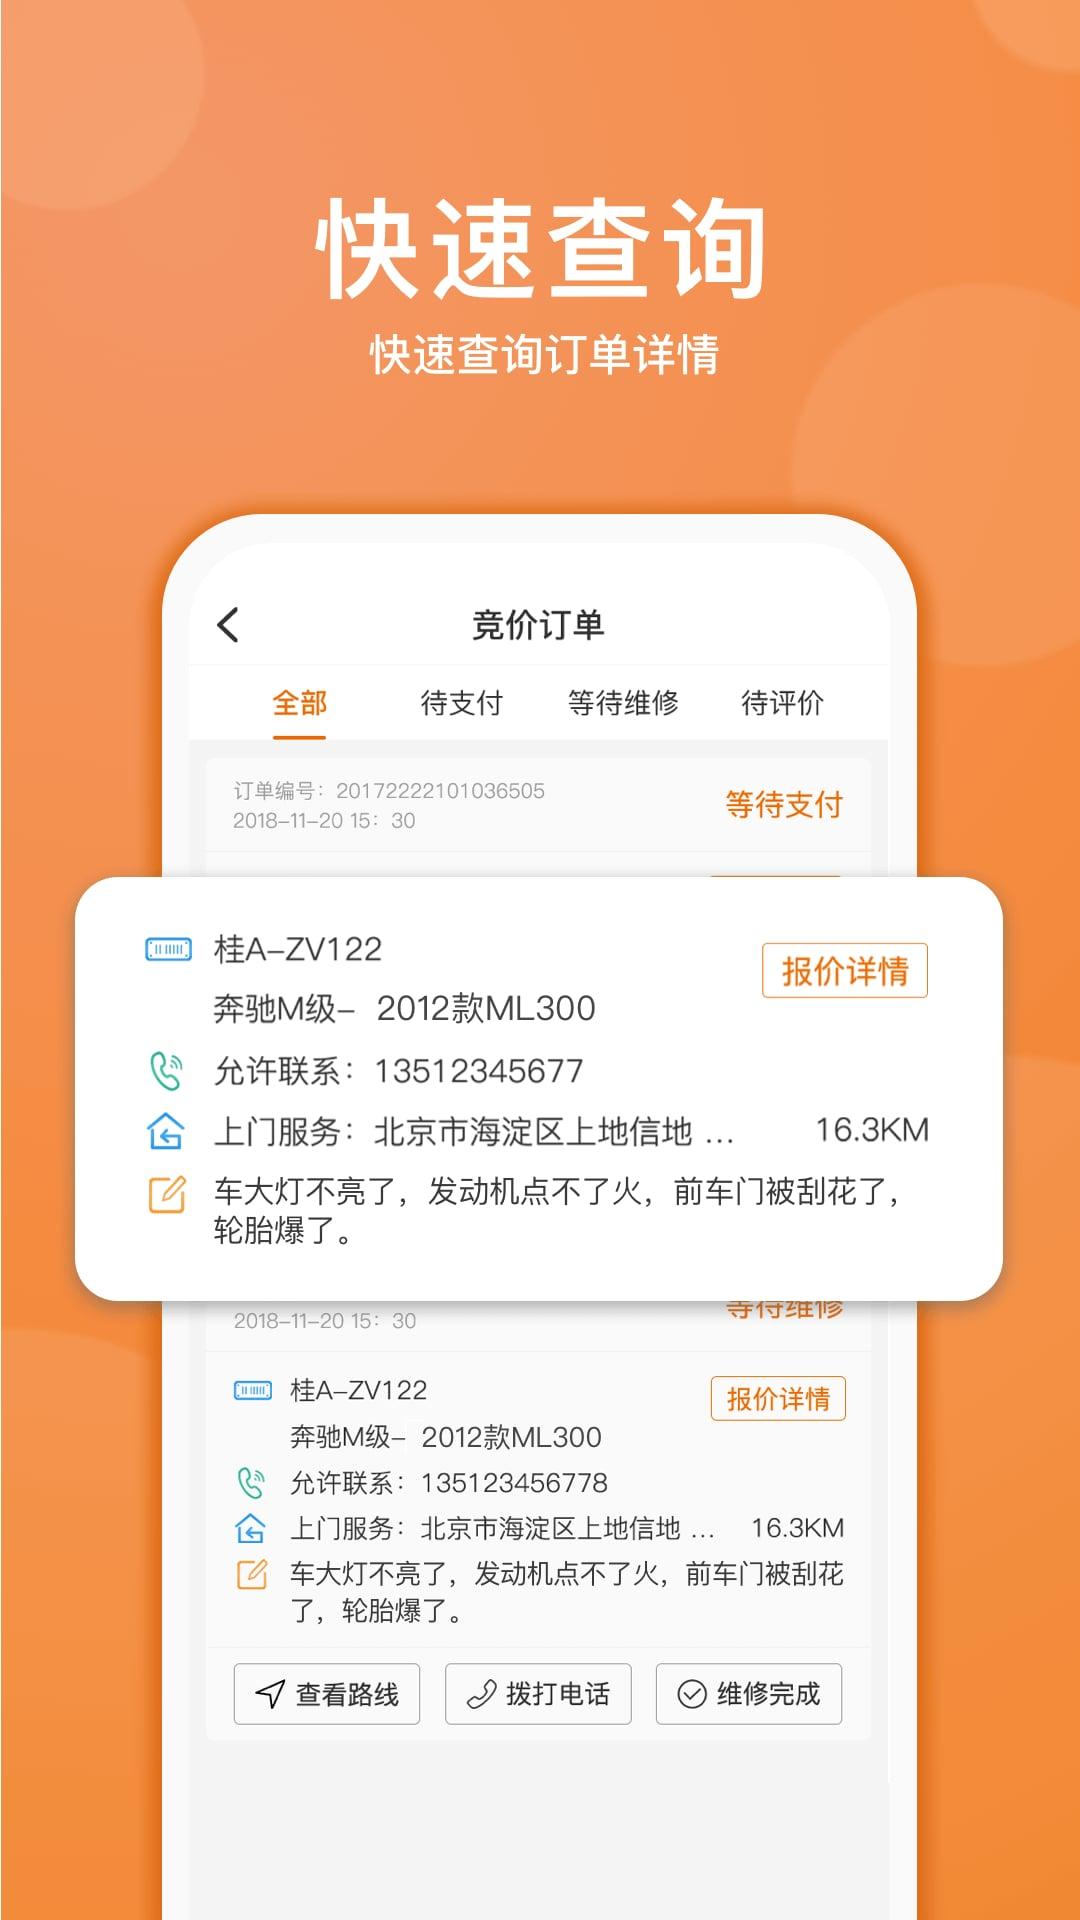 汽修抢单 3.0.9 手机版